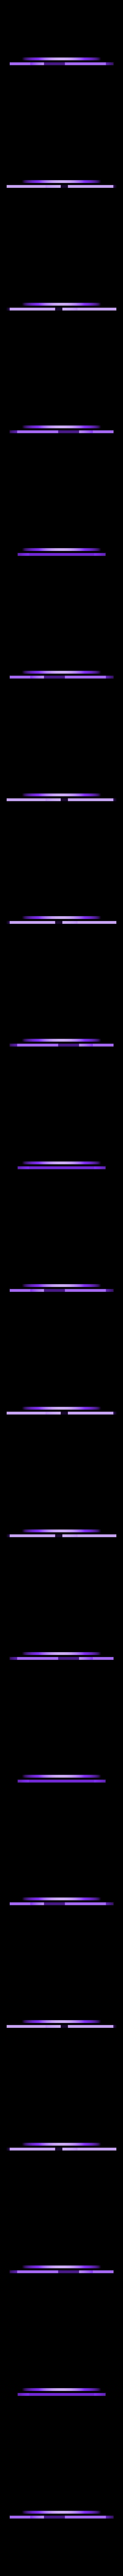 V2Tic_tac_toe_peices.STL Télécharger fichier STL gratuit Tic-Tac-Toe multicolore • Plan pour imprimante 3D, MosaicManufacturing